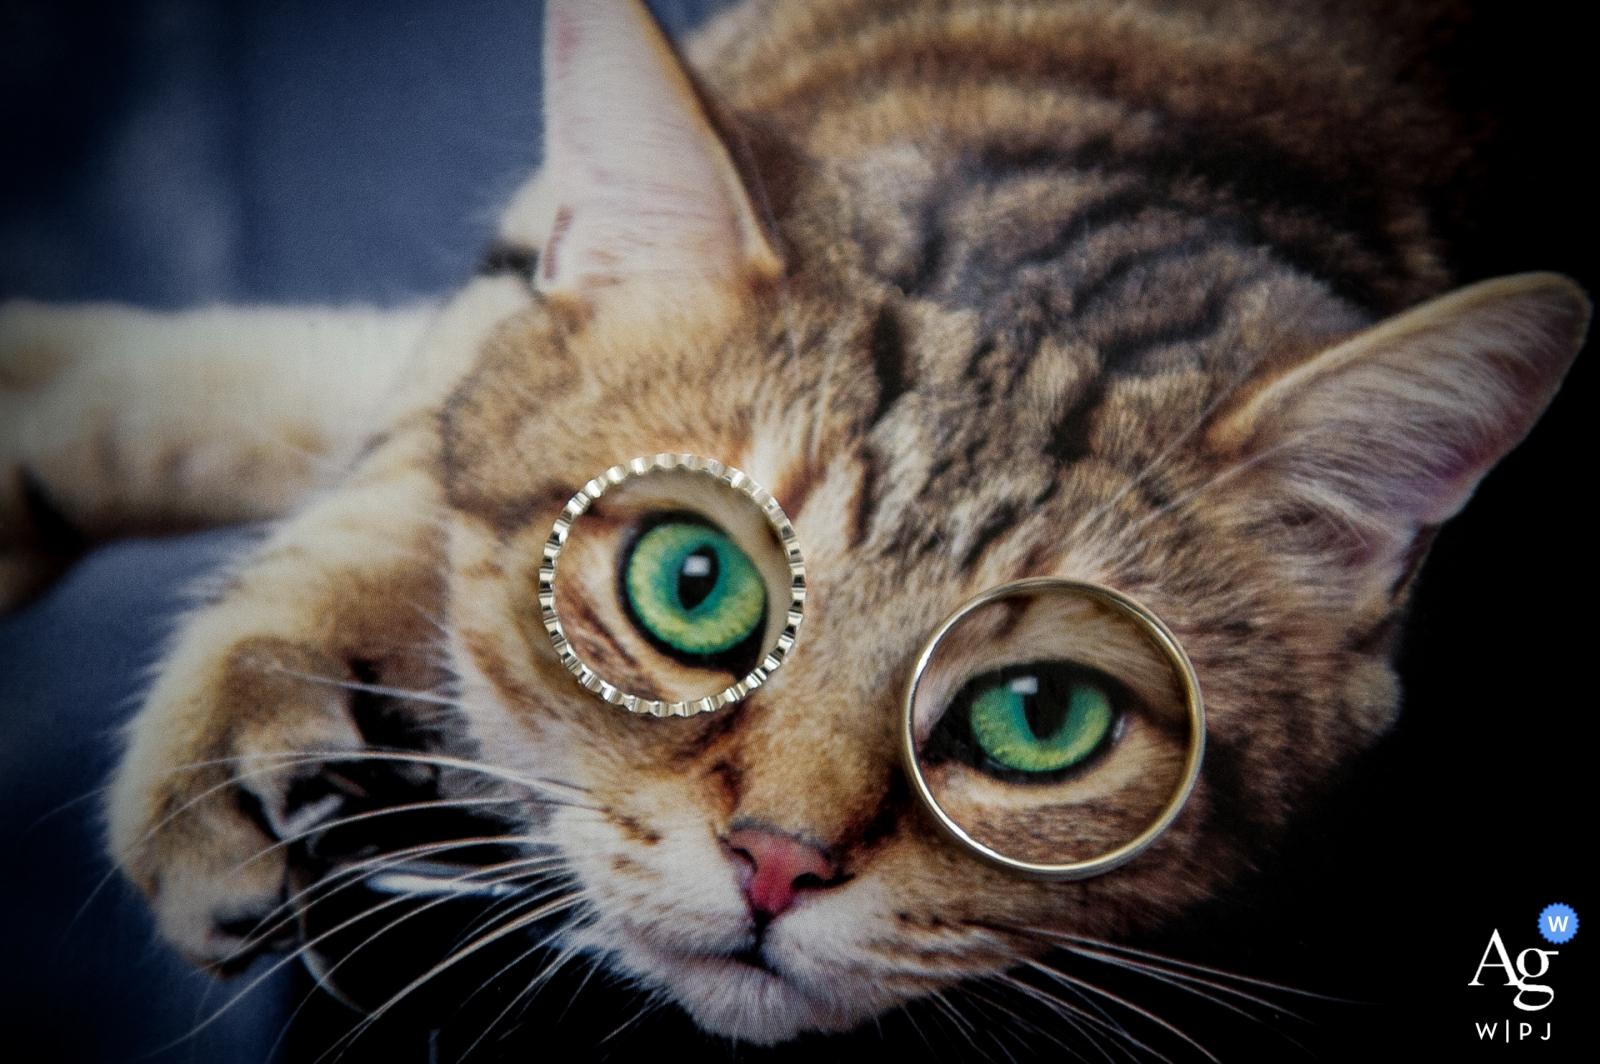 Oise artistiek creatief fotografiedetail van trouwringen op beeld van kat